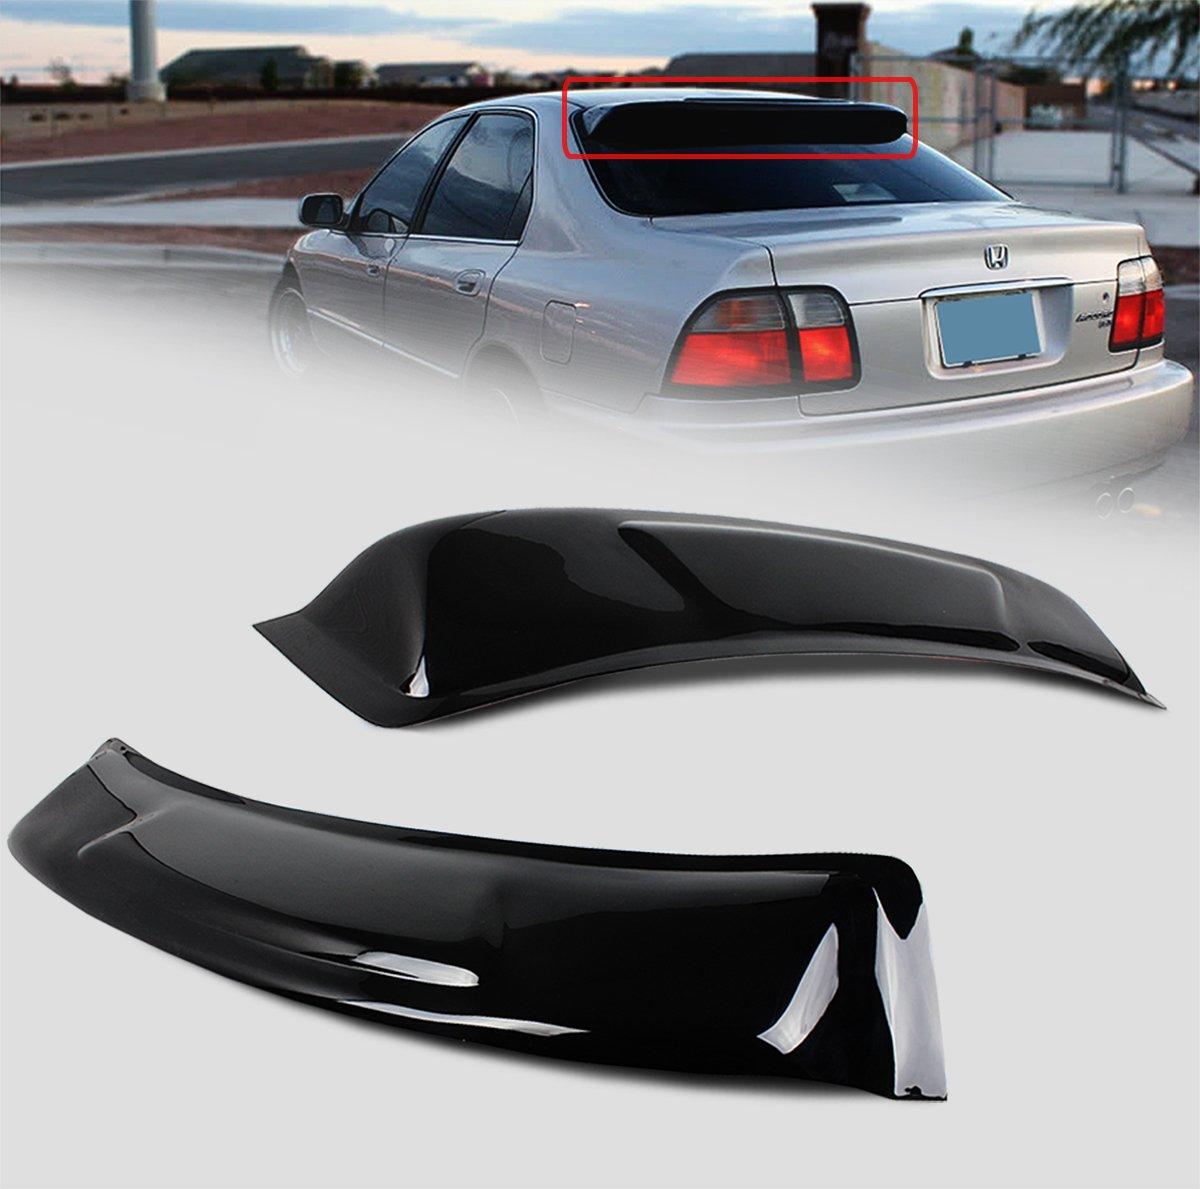 Headlight Headlamp LH Left Hand Driver Side for 05-13 Nissan Xterra X-Terra